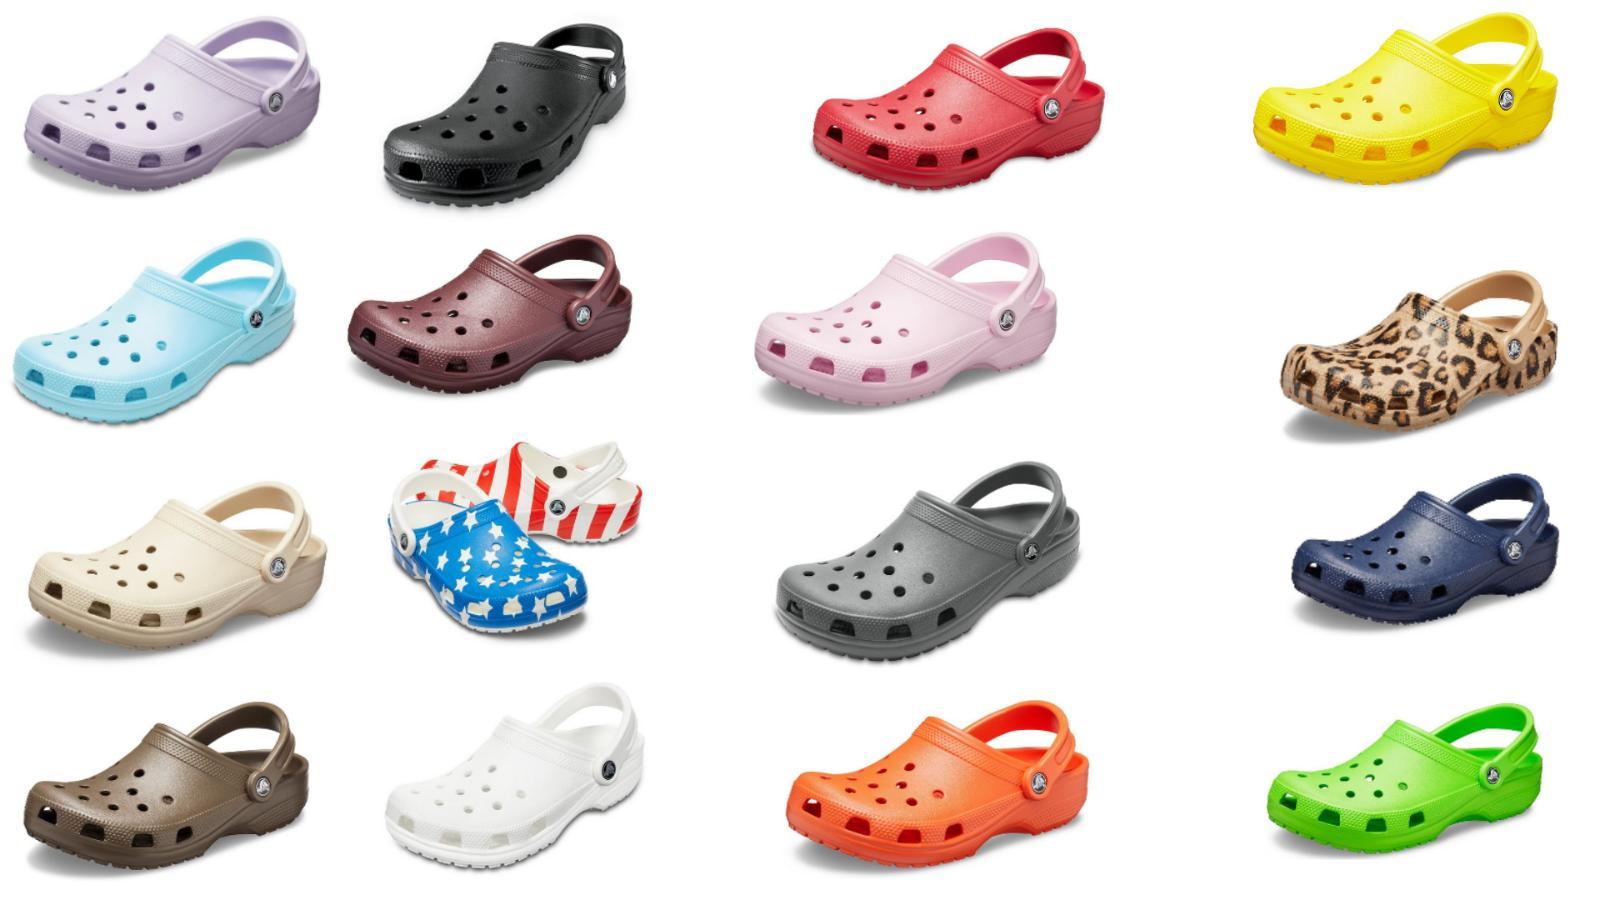 25 colors original classic clogs unisex shoes